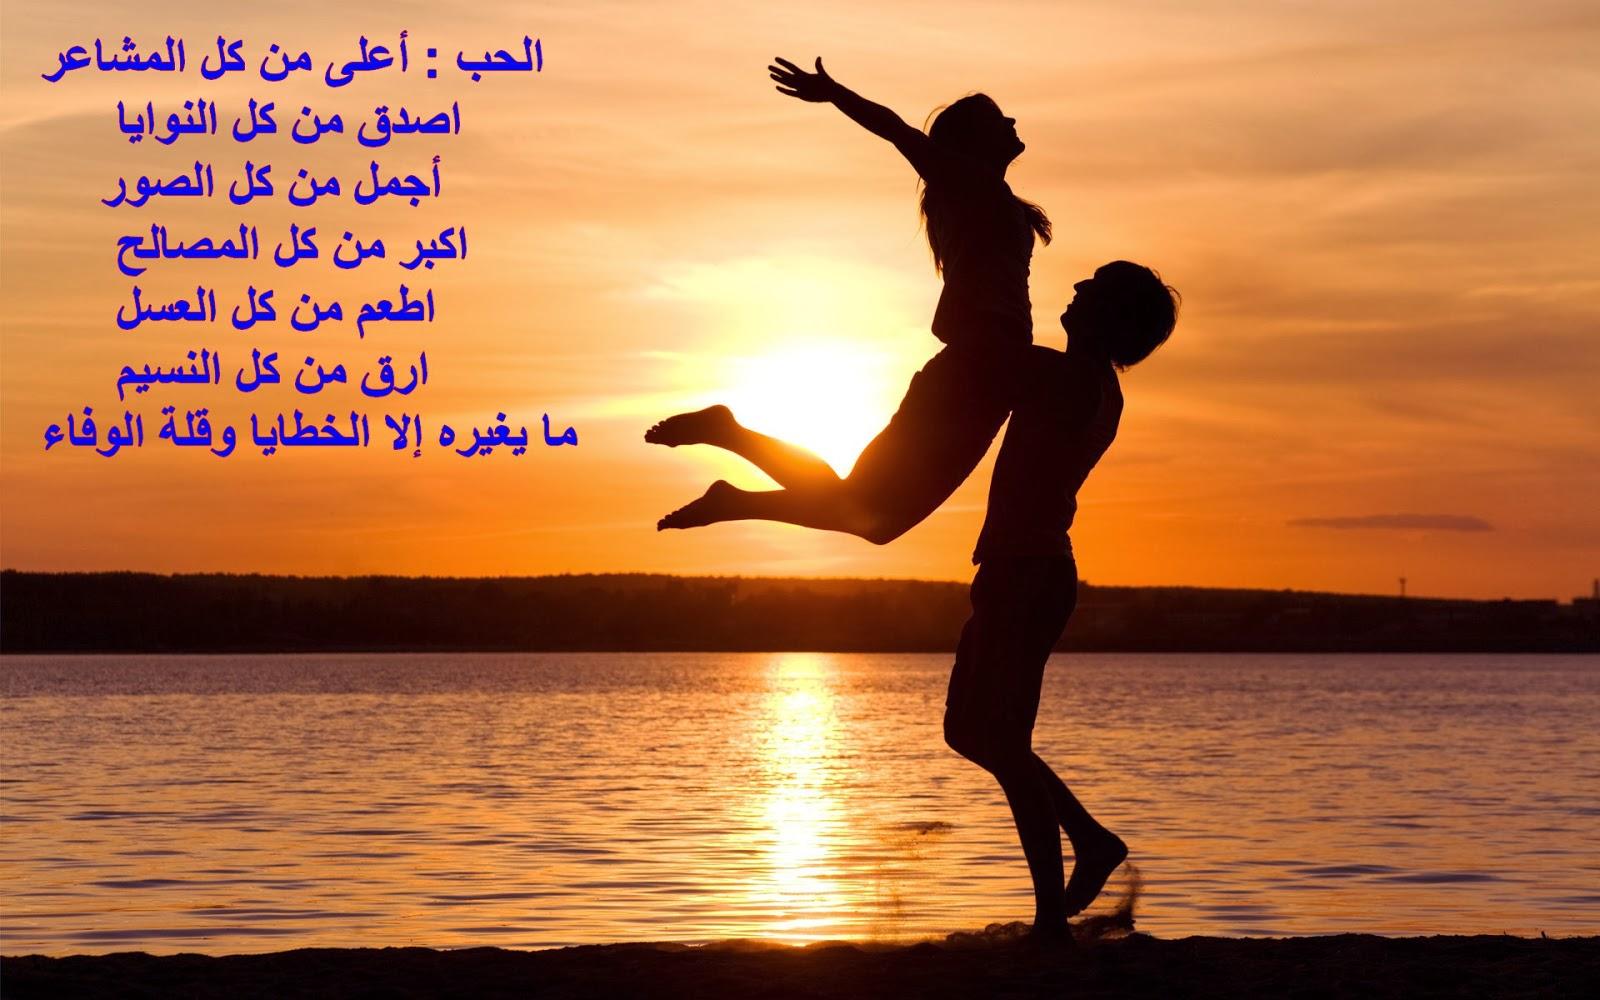 بالصور اجمل اشعار الحب , شعر الحب والرومانسيه 5332 14